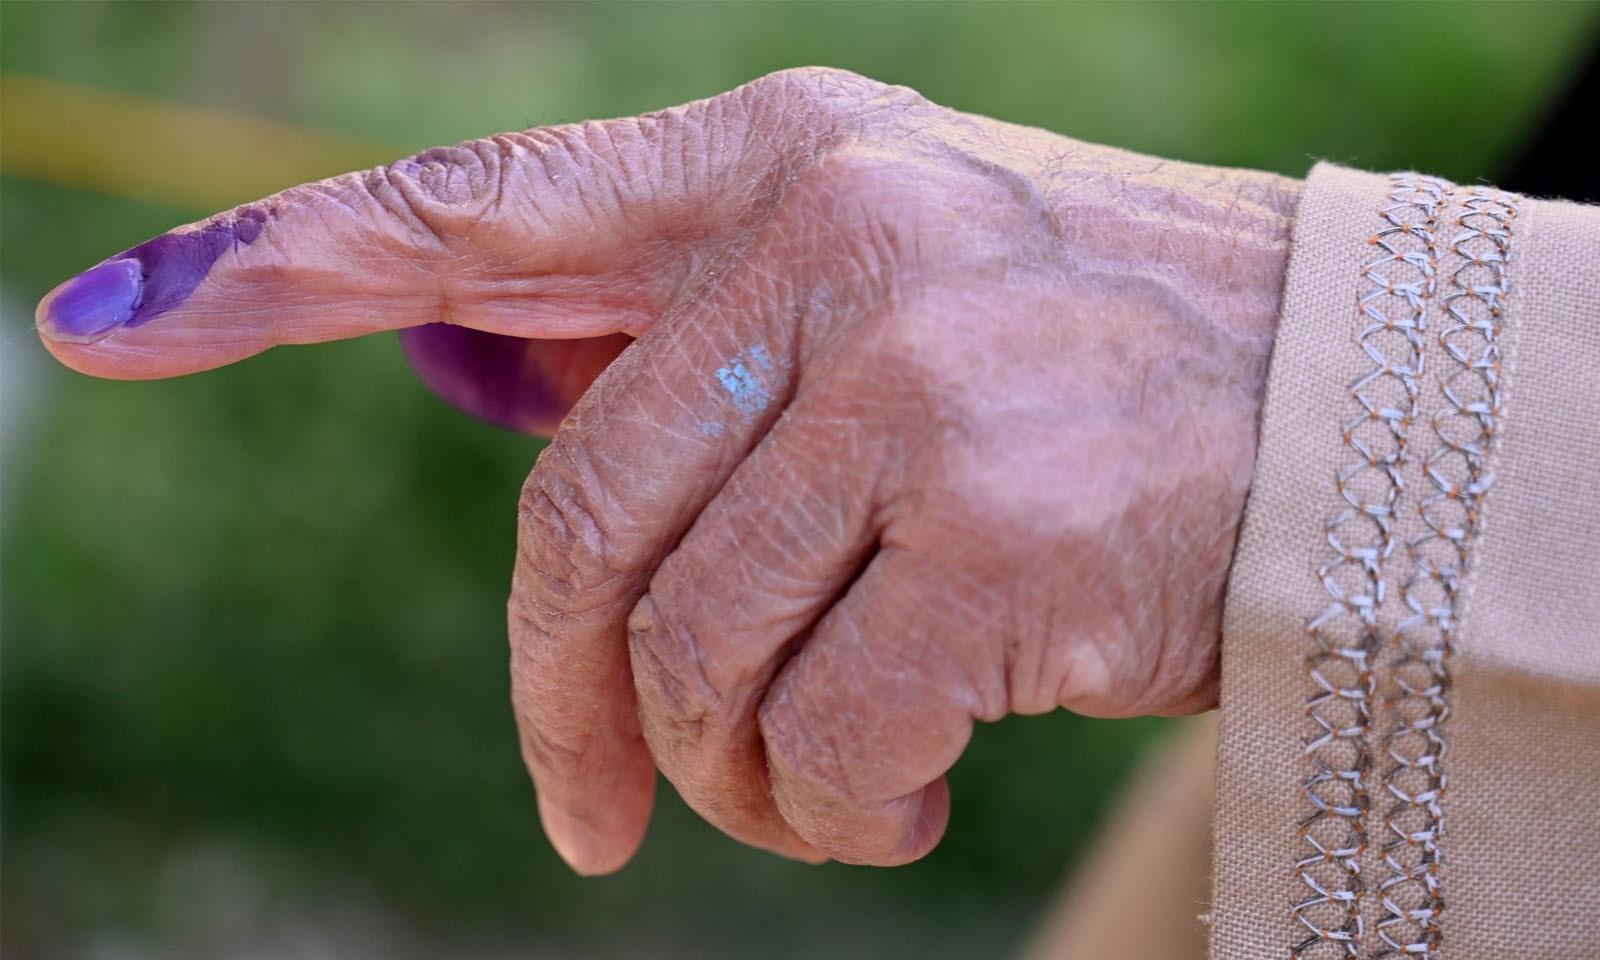 جنوبی سری نگر میں ایک خاتون بزرگ ووٹ کاسٹ کرنے کی نشانی دکھارہی ہیں —فوٹو/ اے ایف پی